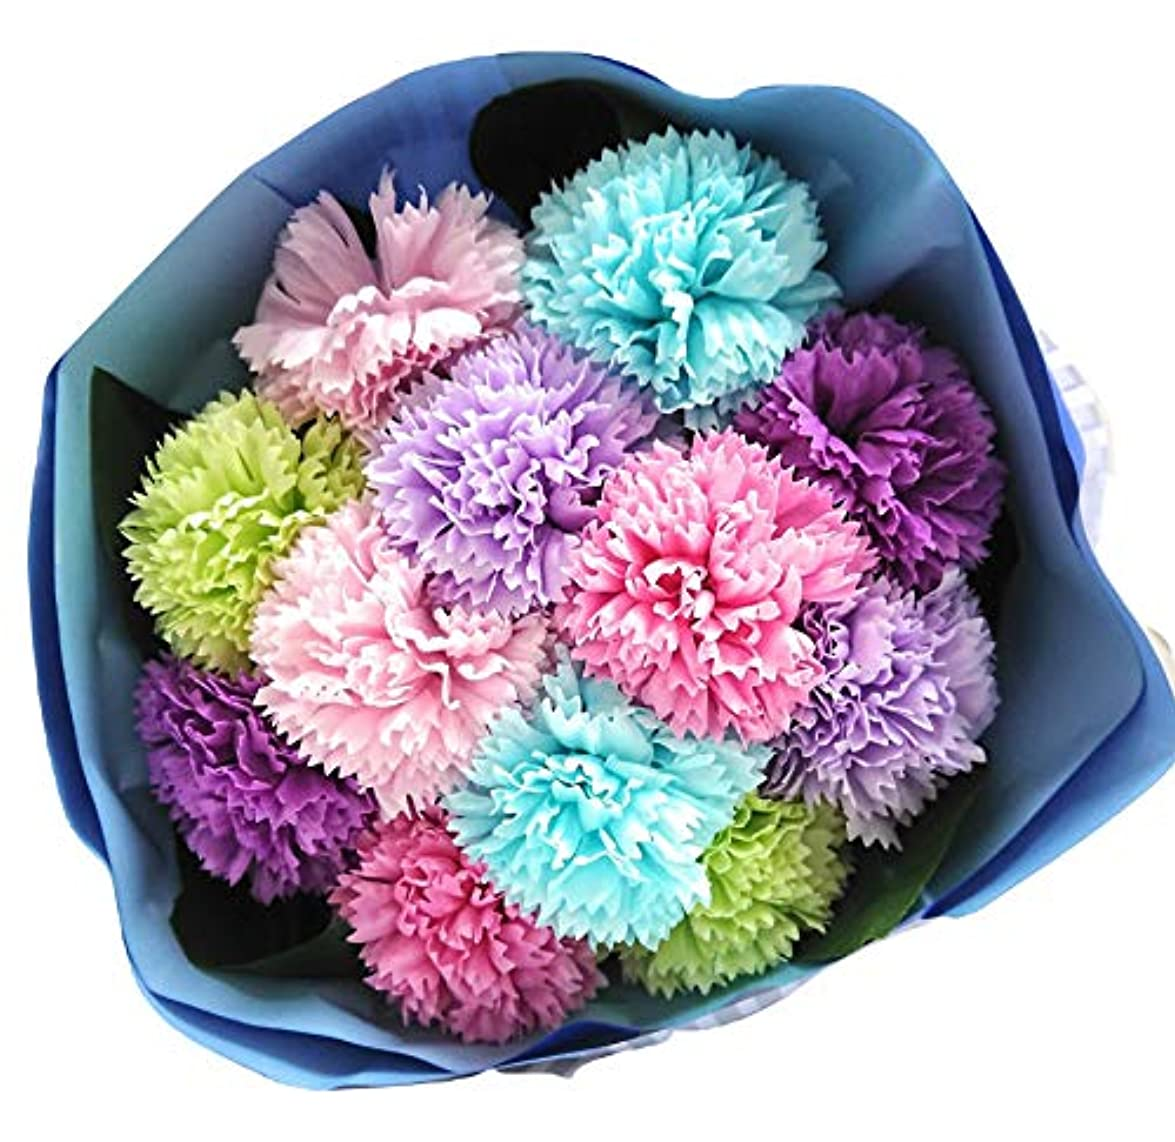 乙女借りる引き金バスフレグランス バスフラワー カーネーションブーケ 母の日 ギフト お花の形の入浴剤 (MIX)